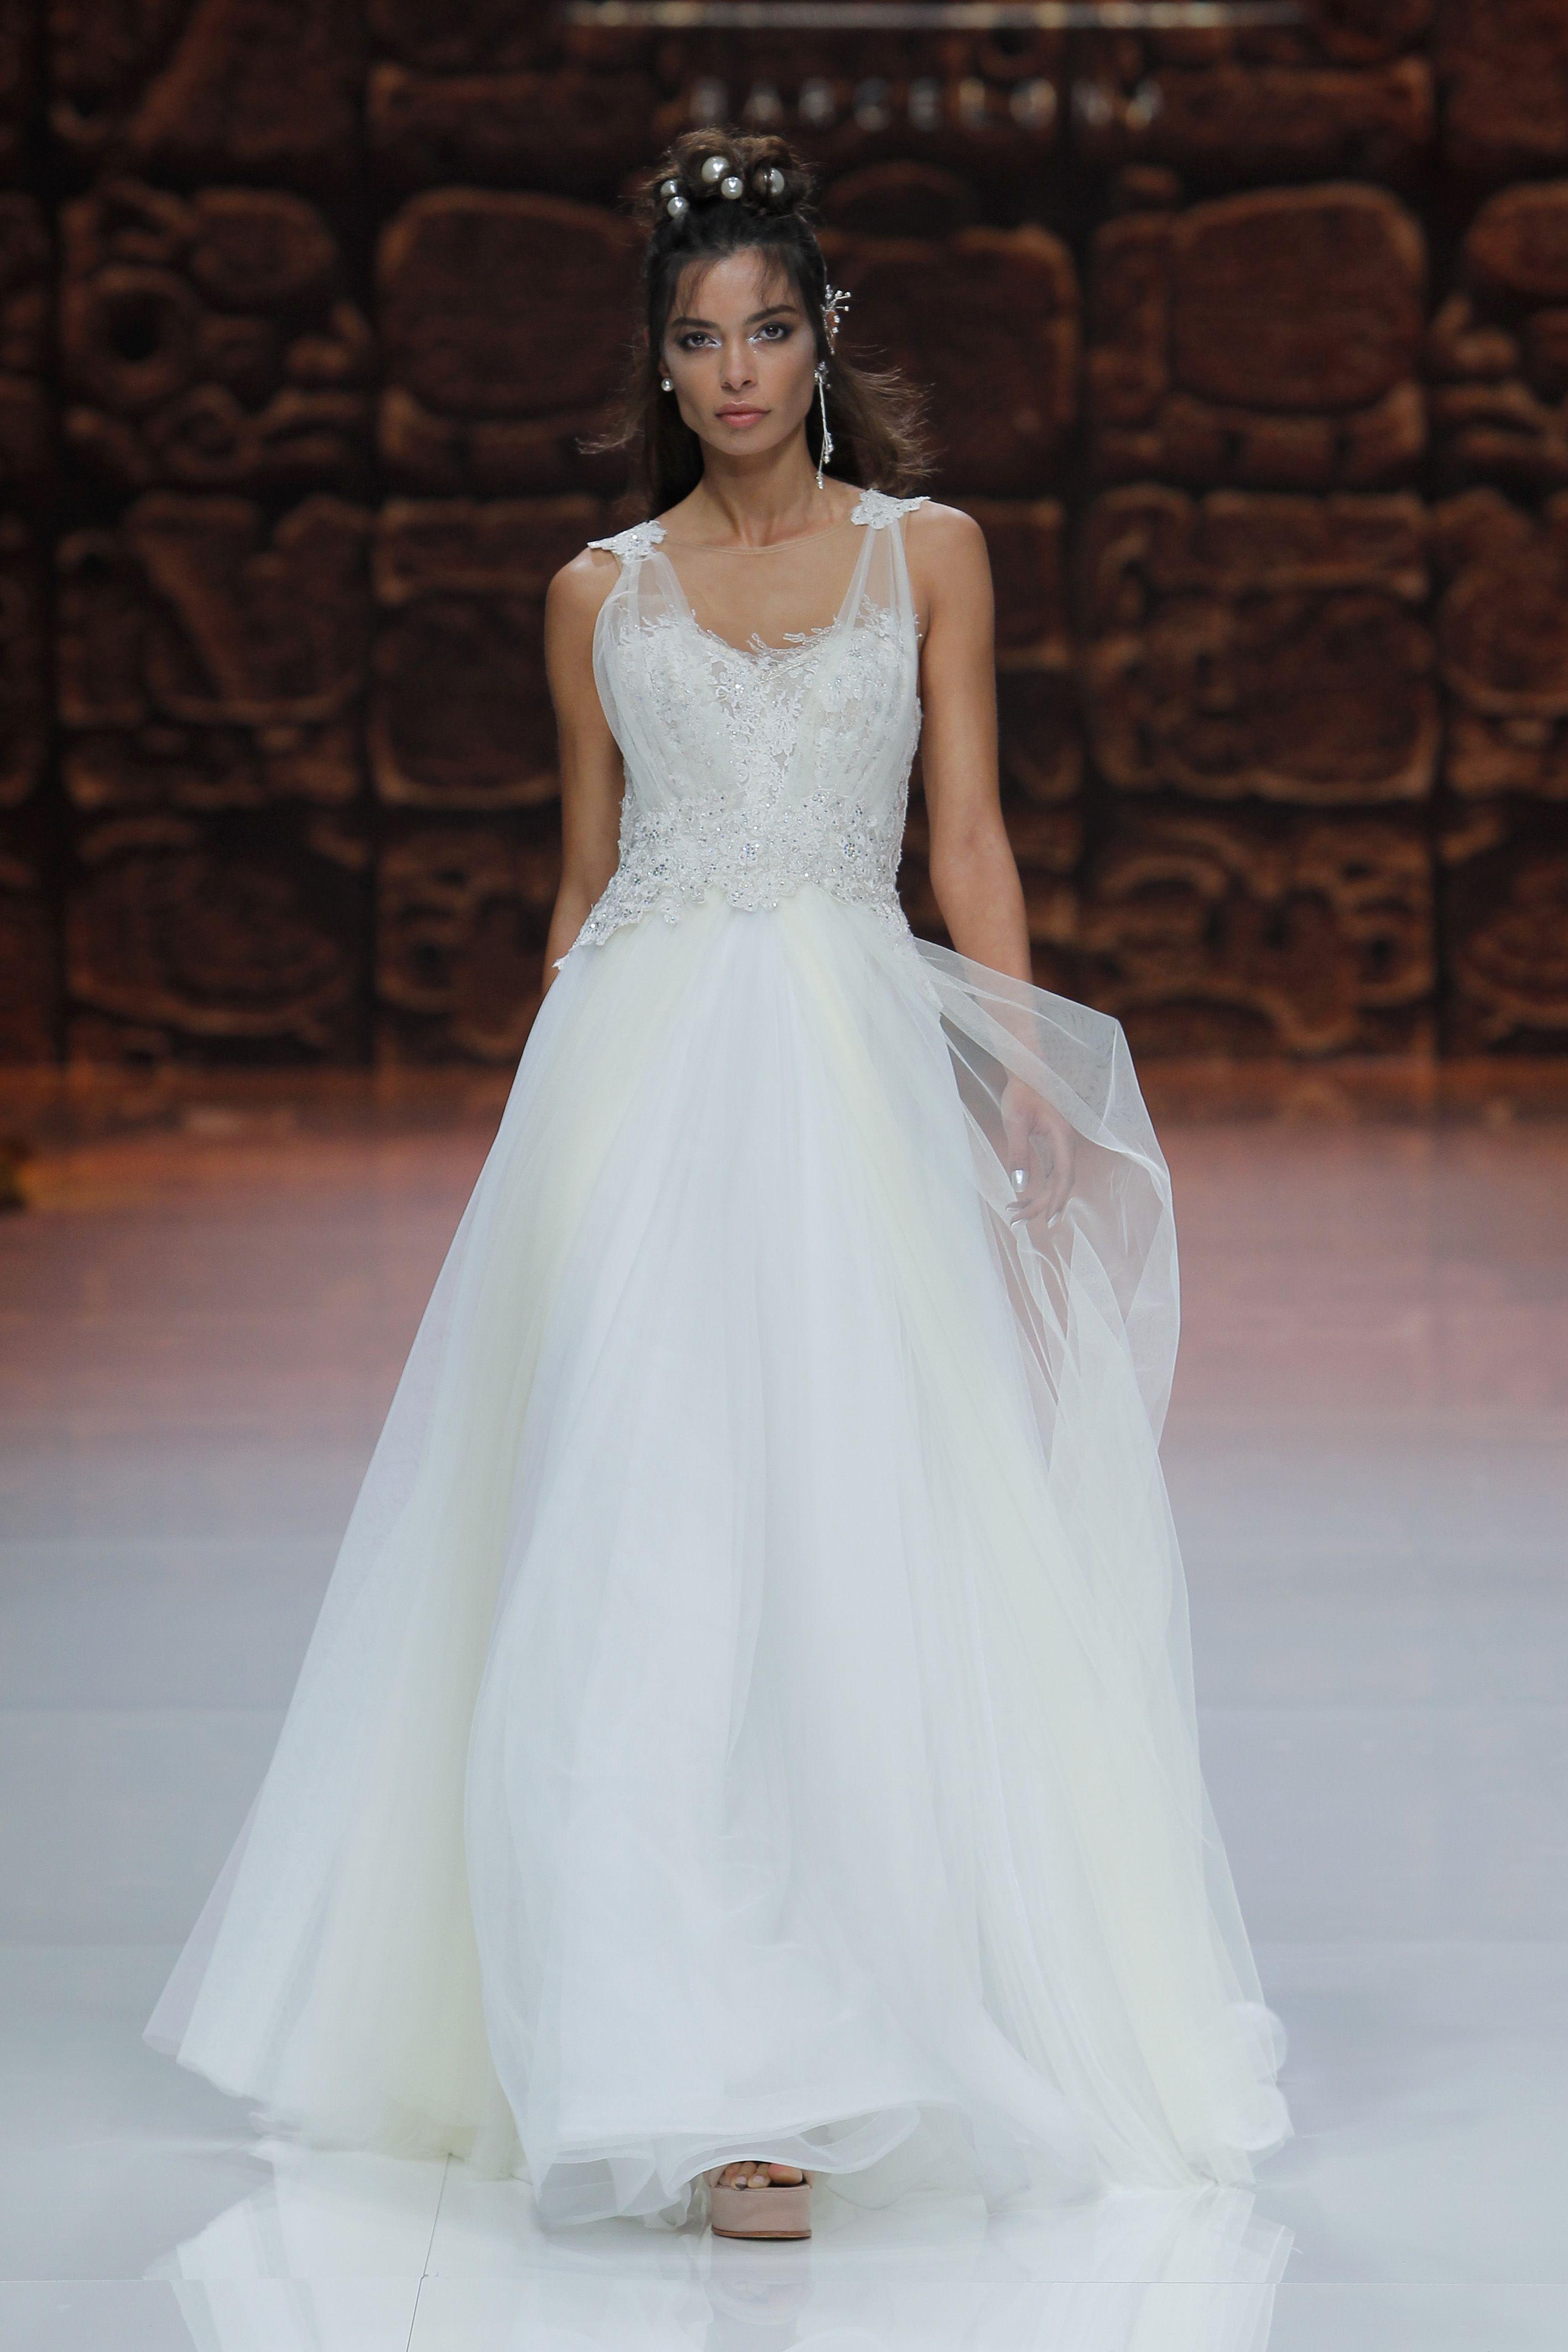 Vestidos de novia Barcelona | Dios del amor, Inmaculada y Lleno